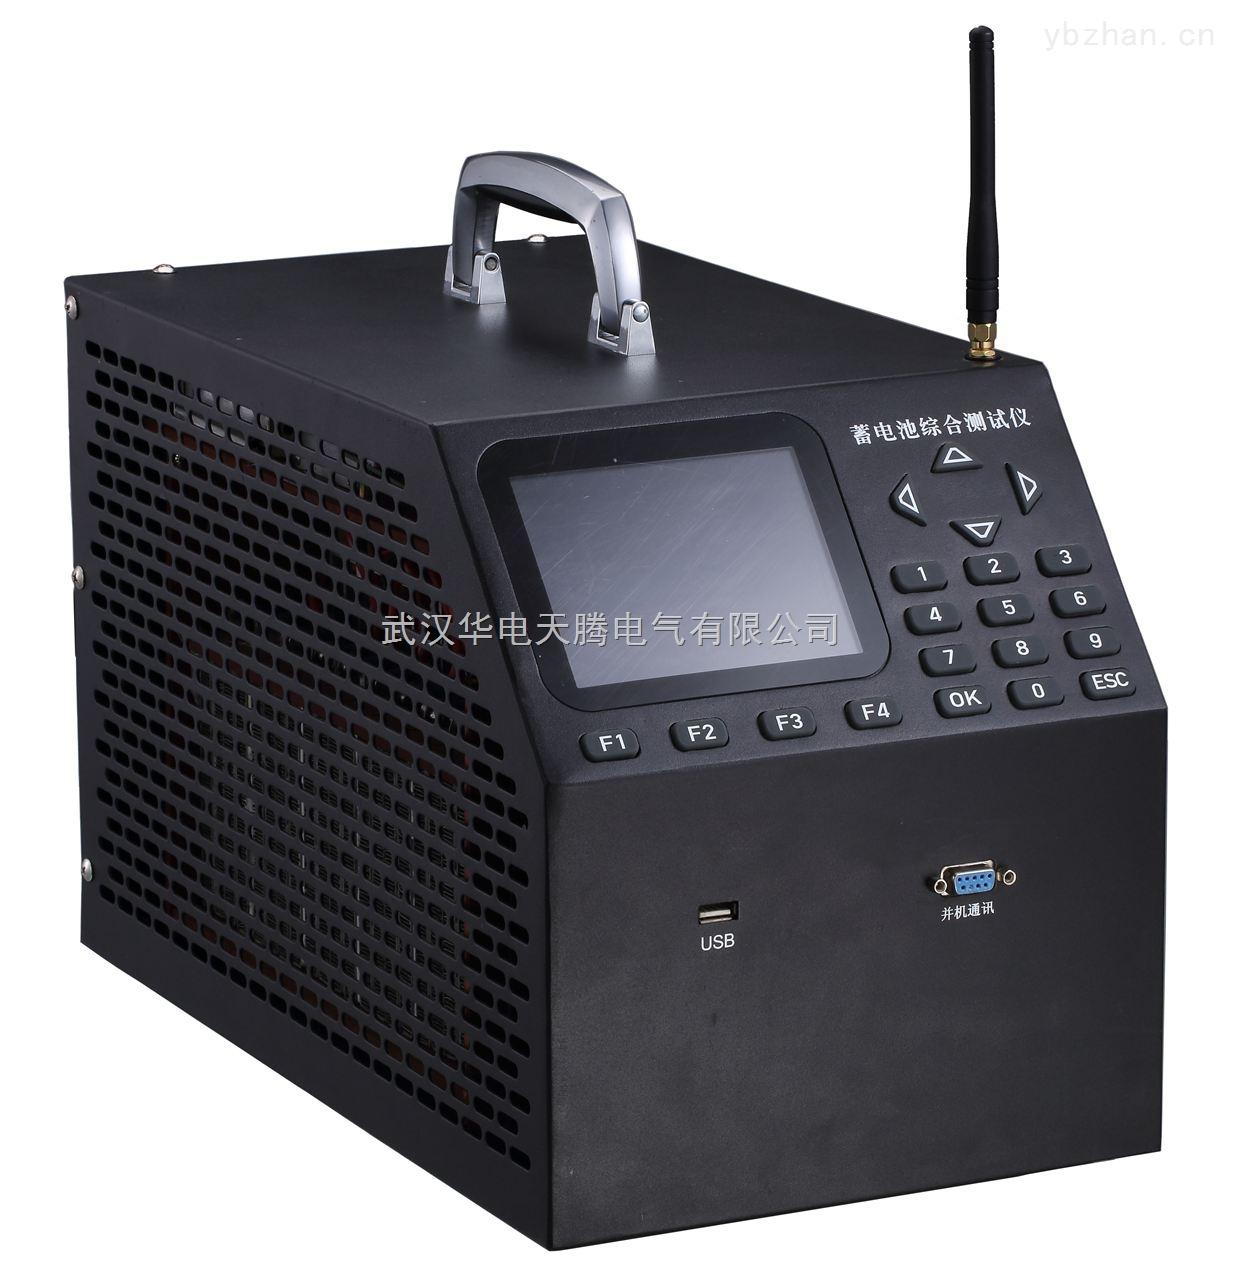 td585蓄电池充放电检测仪